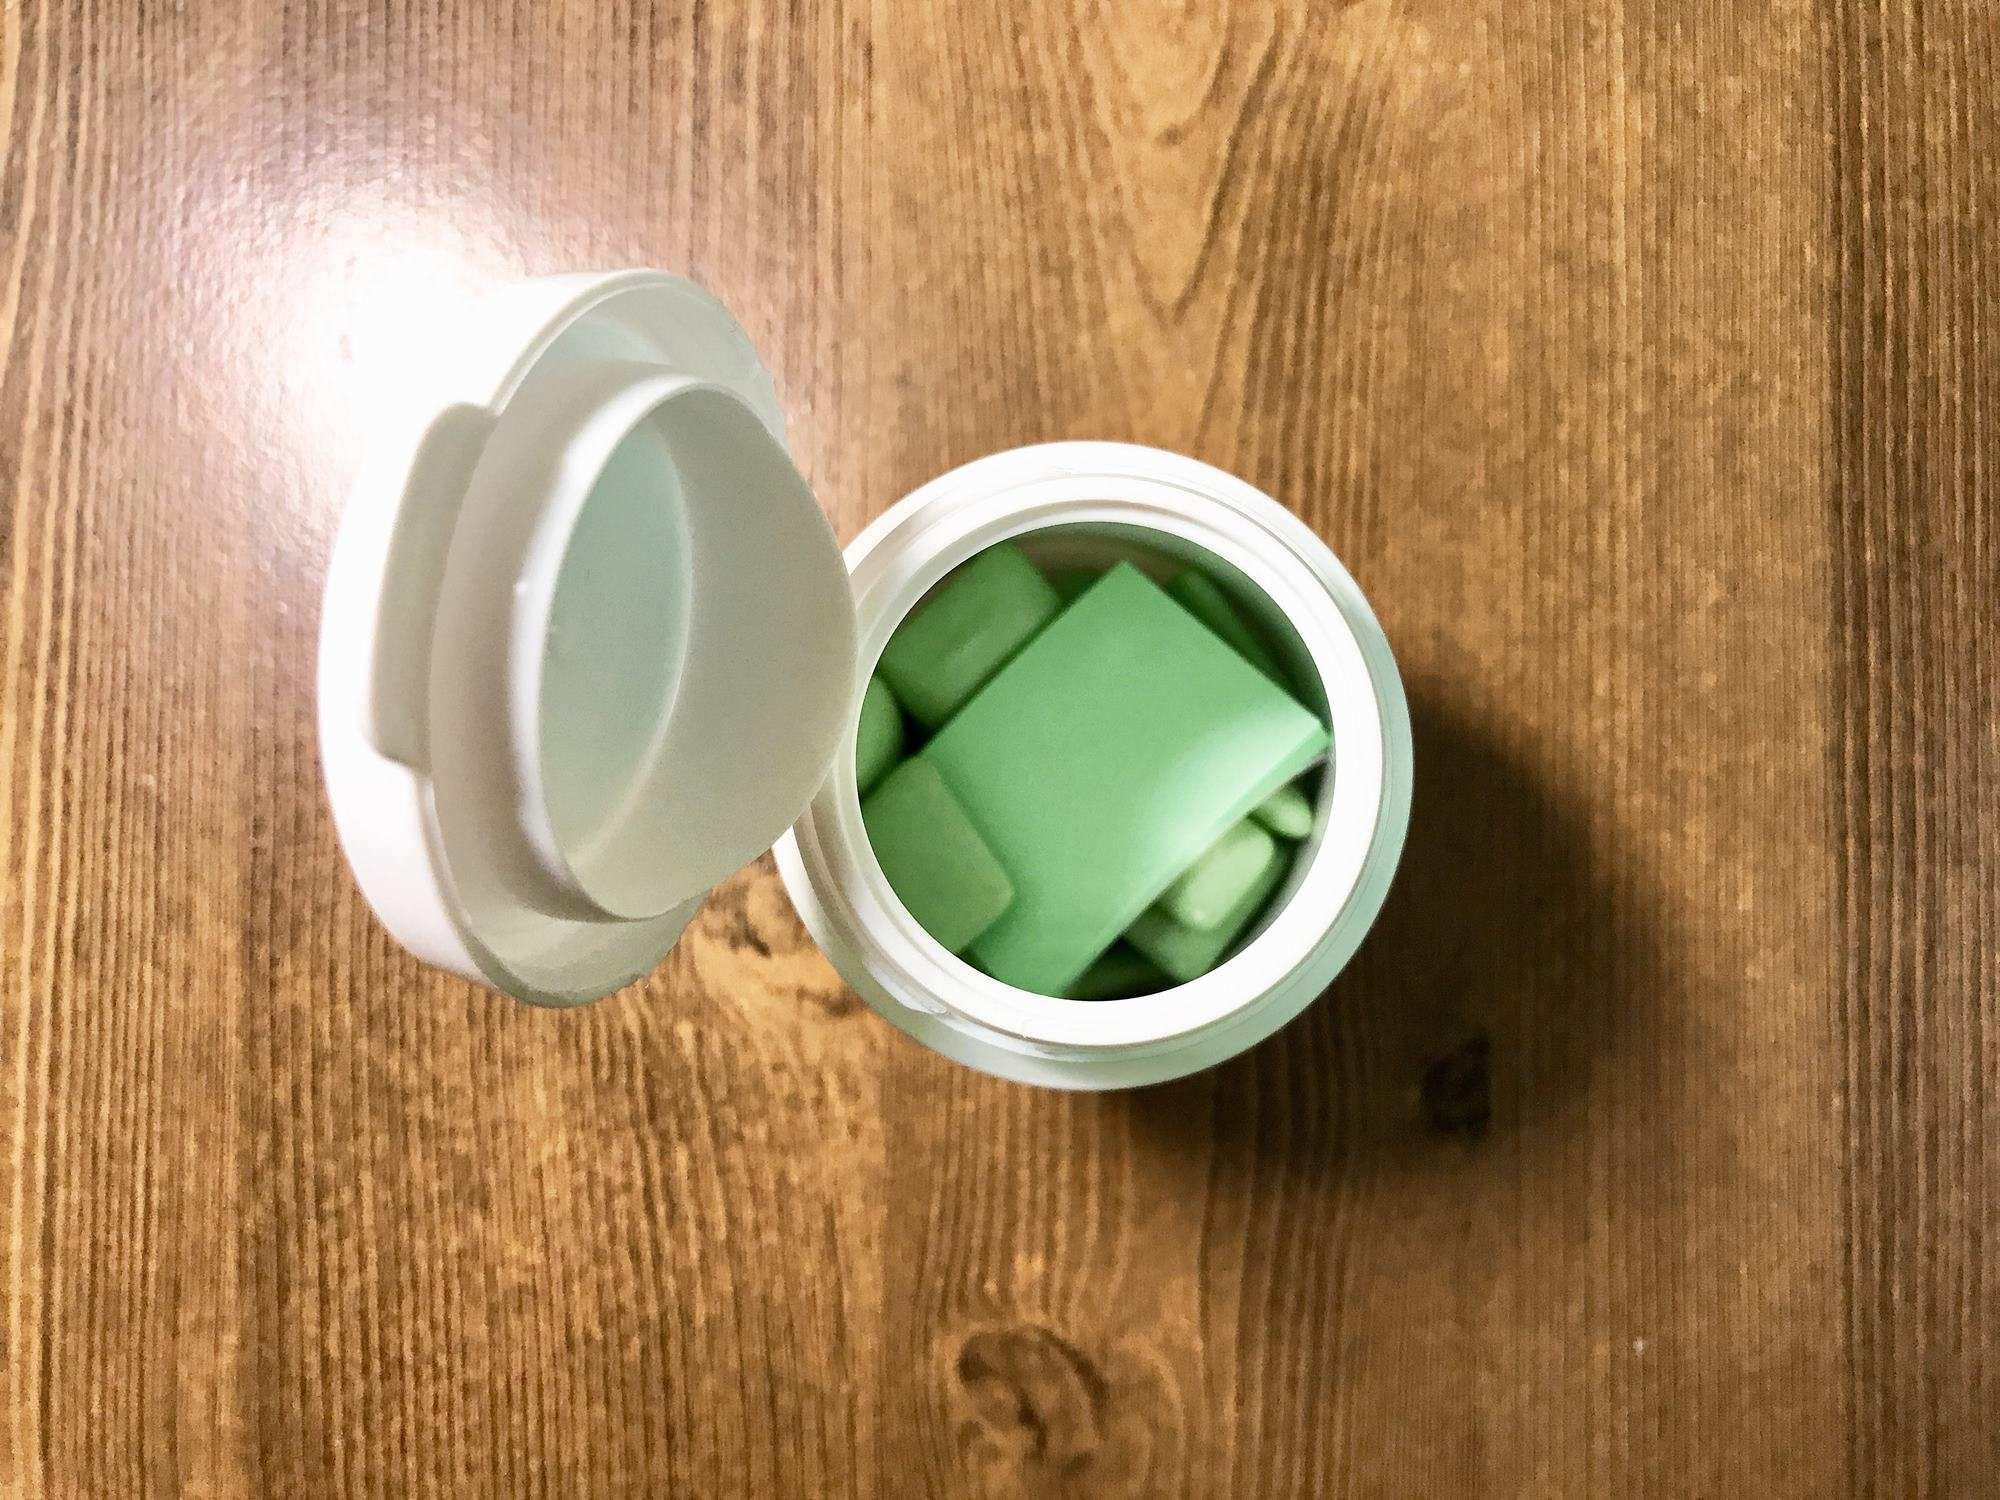 자일리톨 껌 통 안에 함께 들어 있던 종이 ©생각노트